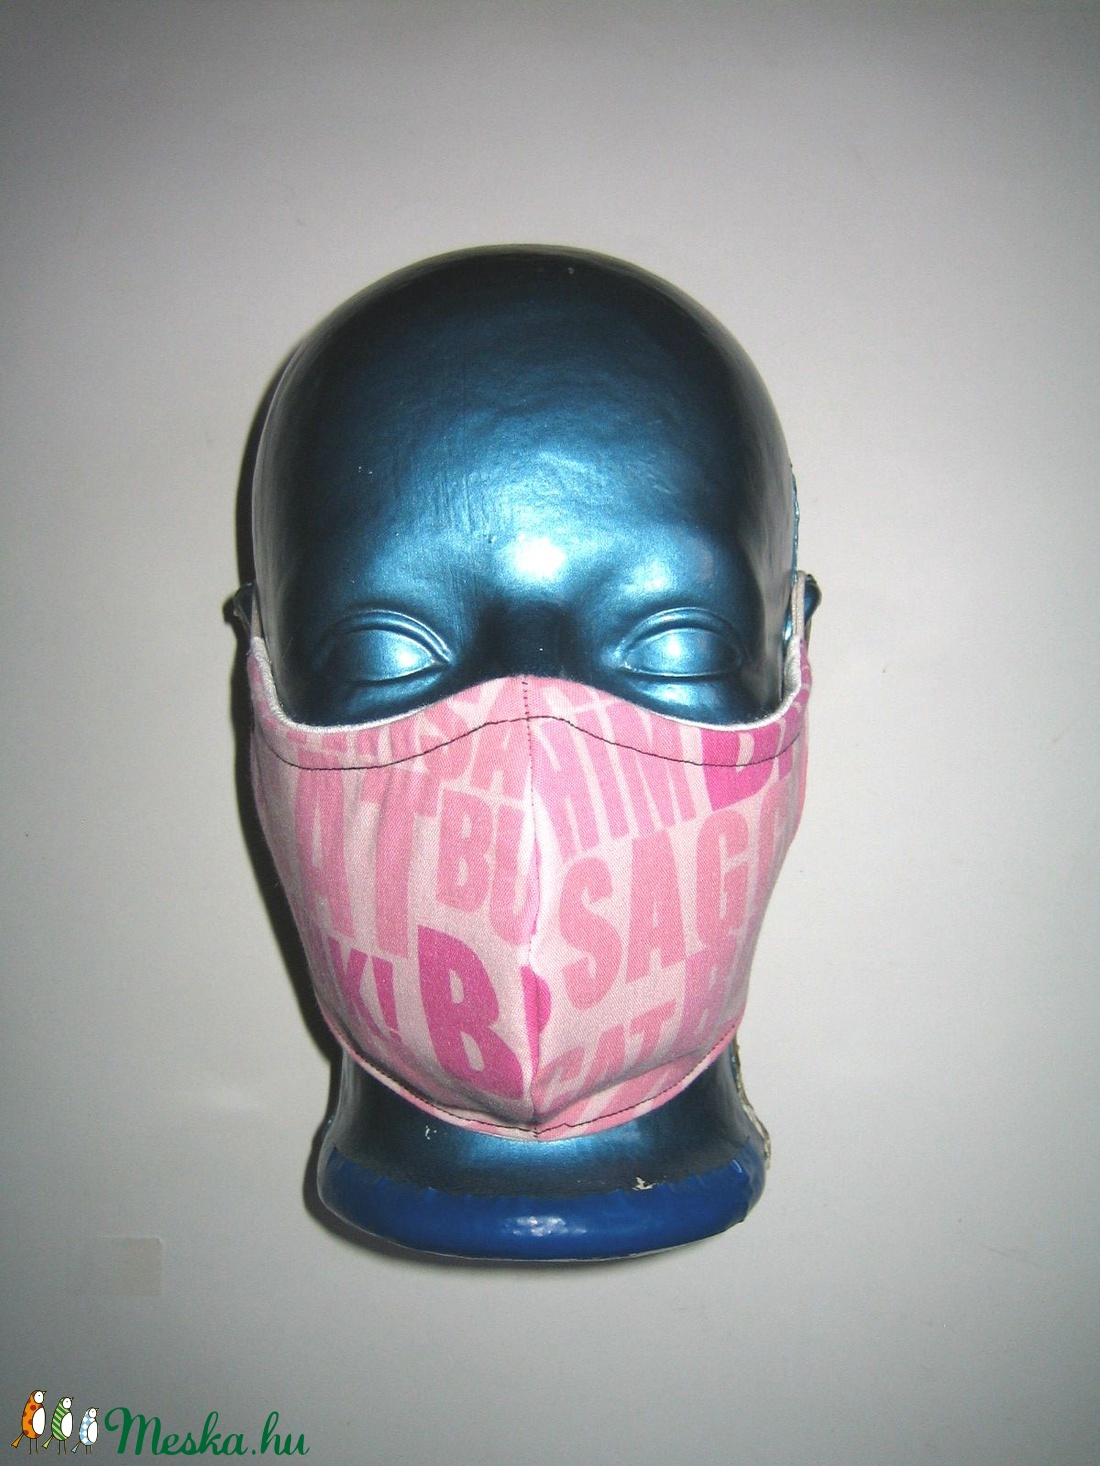 Egyedi Szájmaszk arcmaszk textil maszk  - maszk, arcmaszk - gyerek - Meska.hu